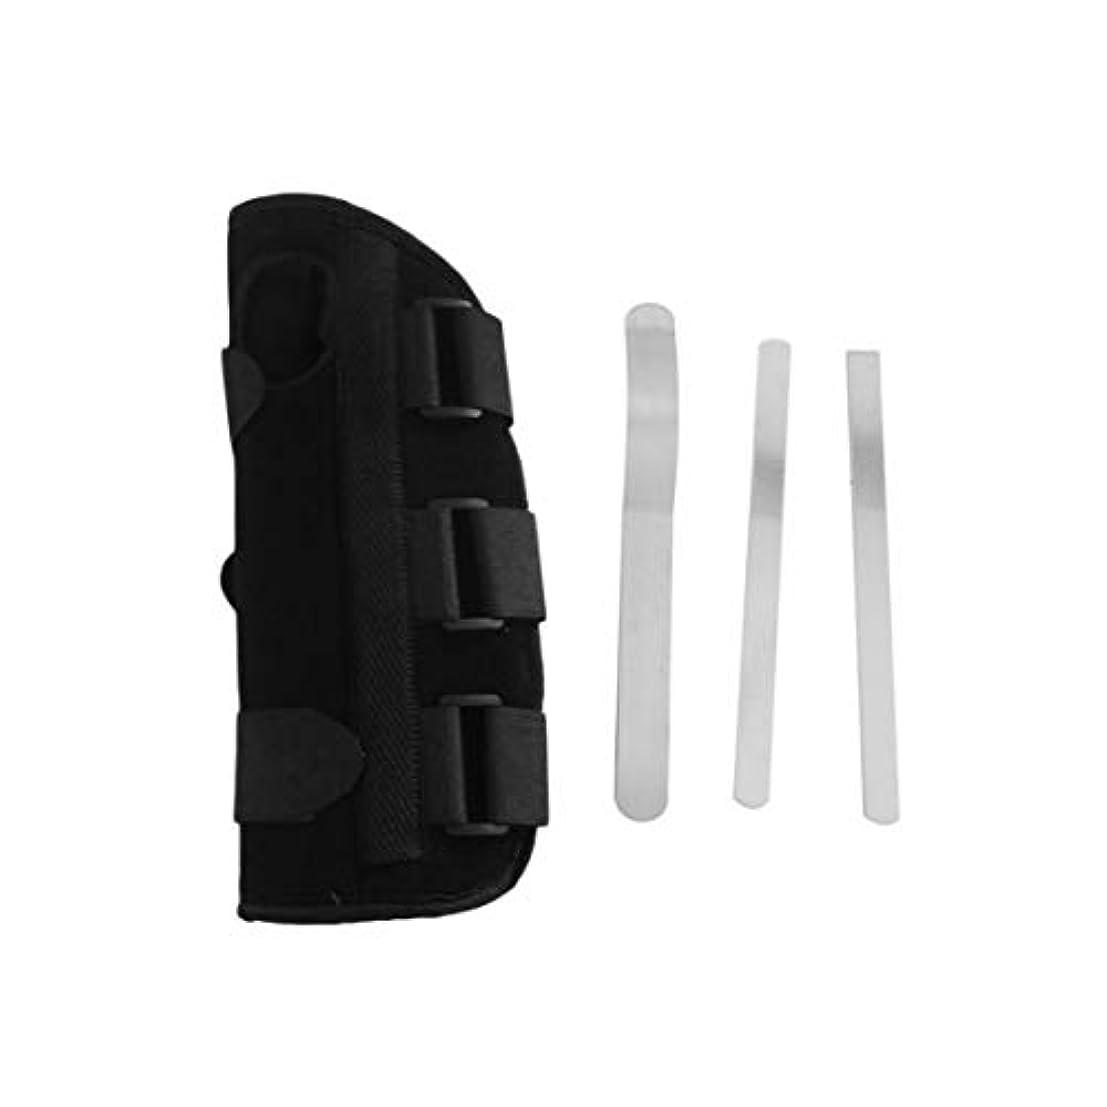 亜熱帯分布まだら手首副木ブレース保護サポートストラップカルペルトンネルCTS RSI痛み軽減取り外し可能な副木快適な軽量ストラップ - ブラックS